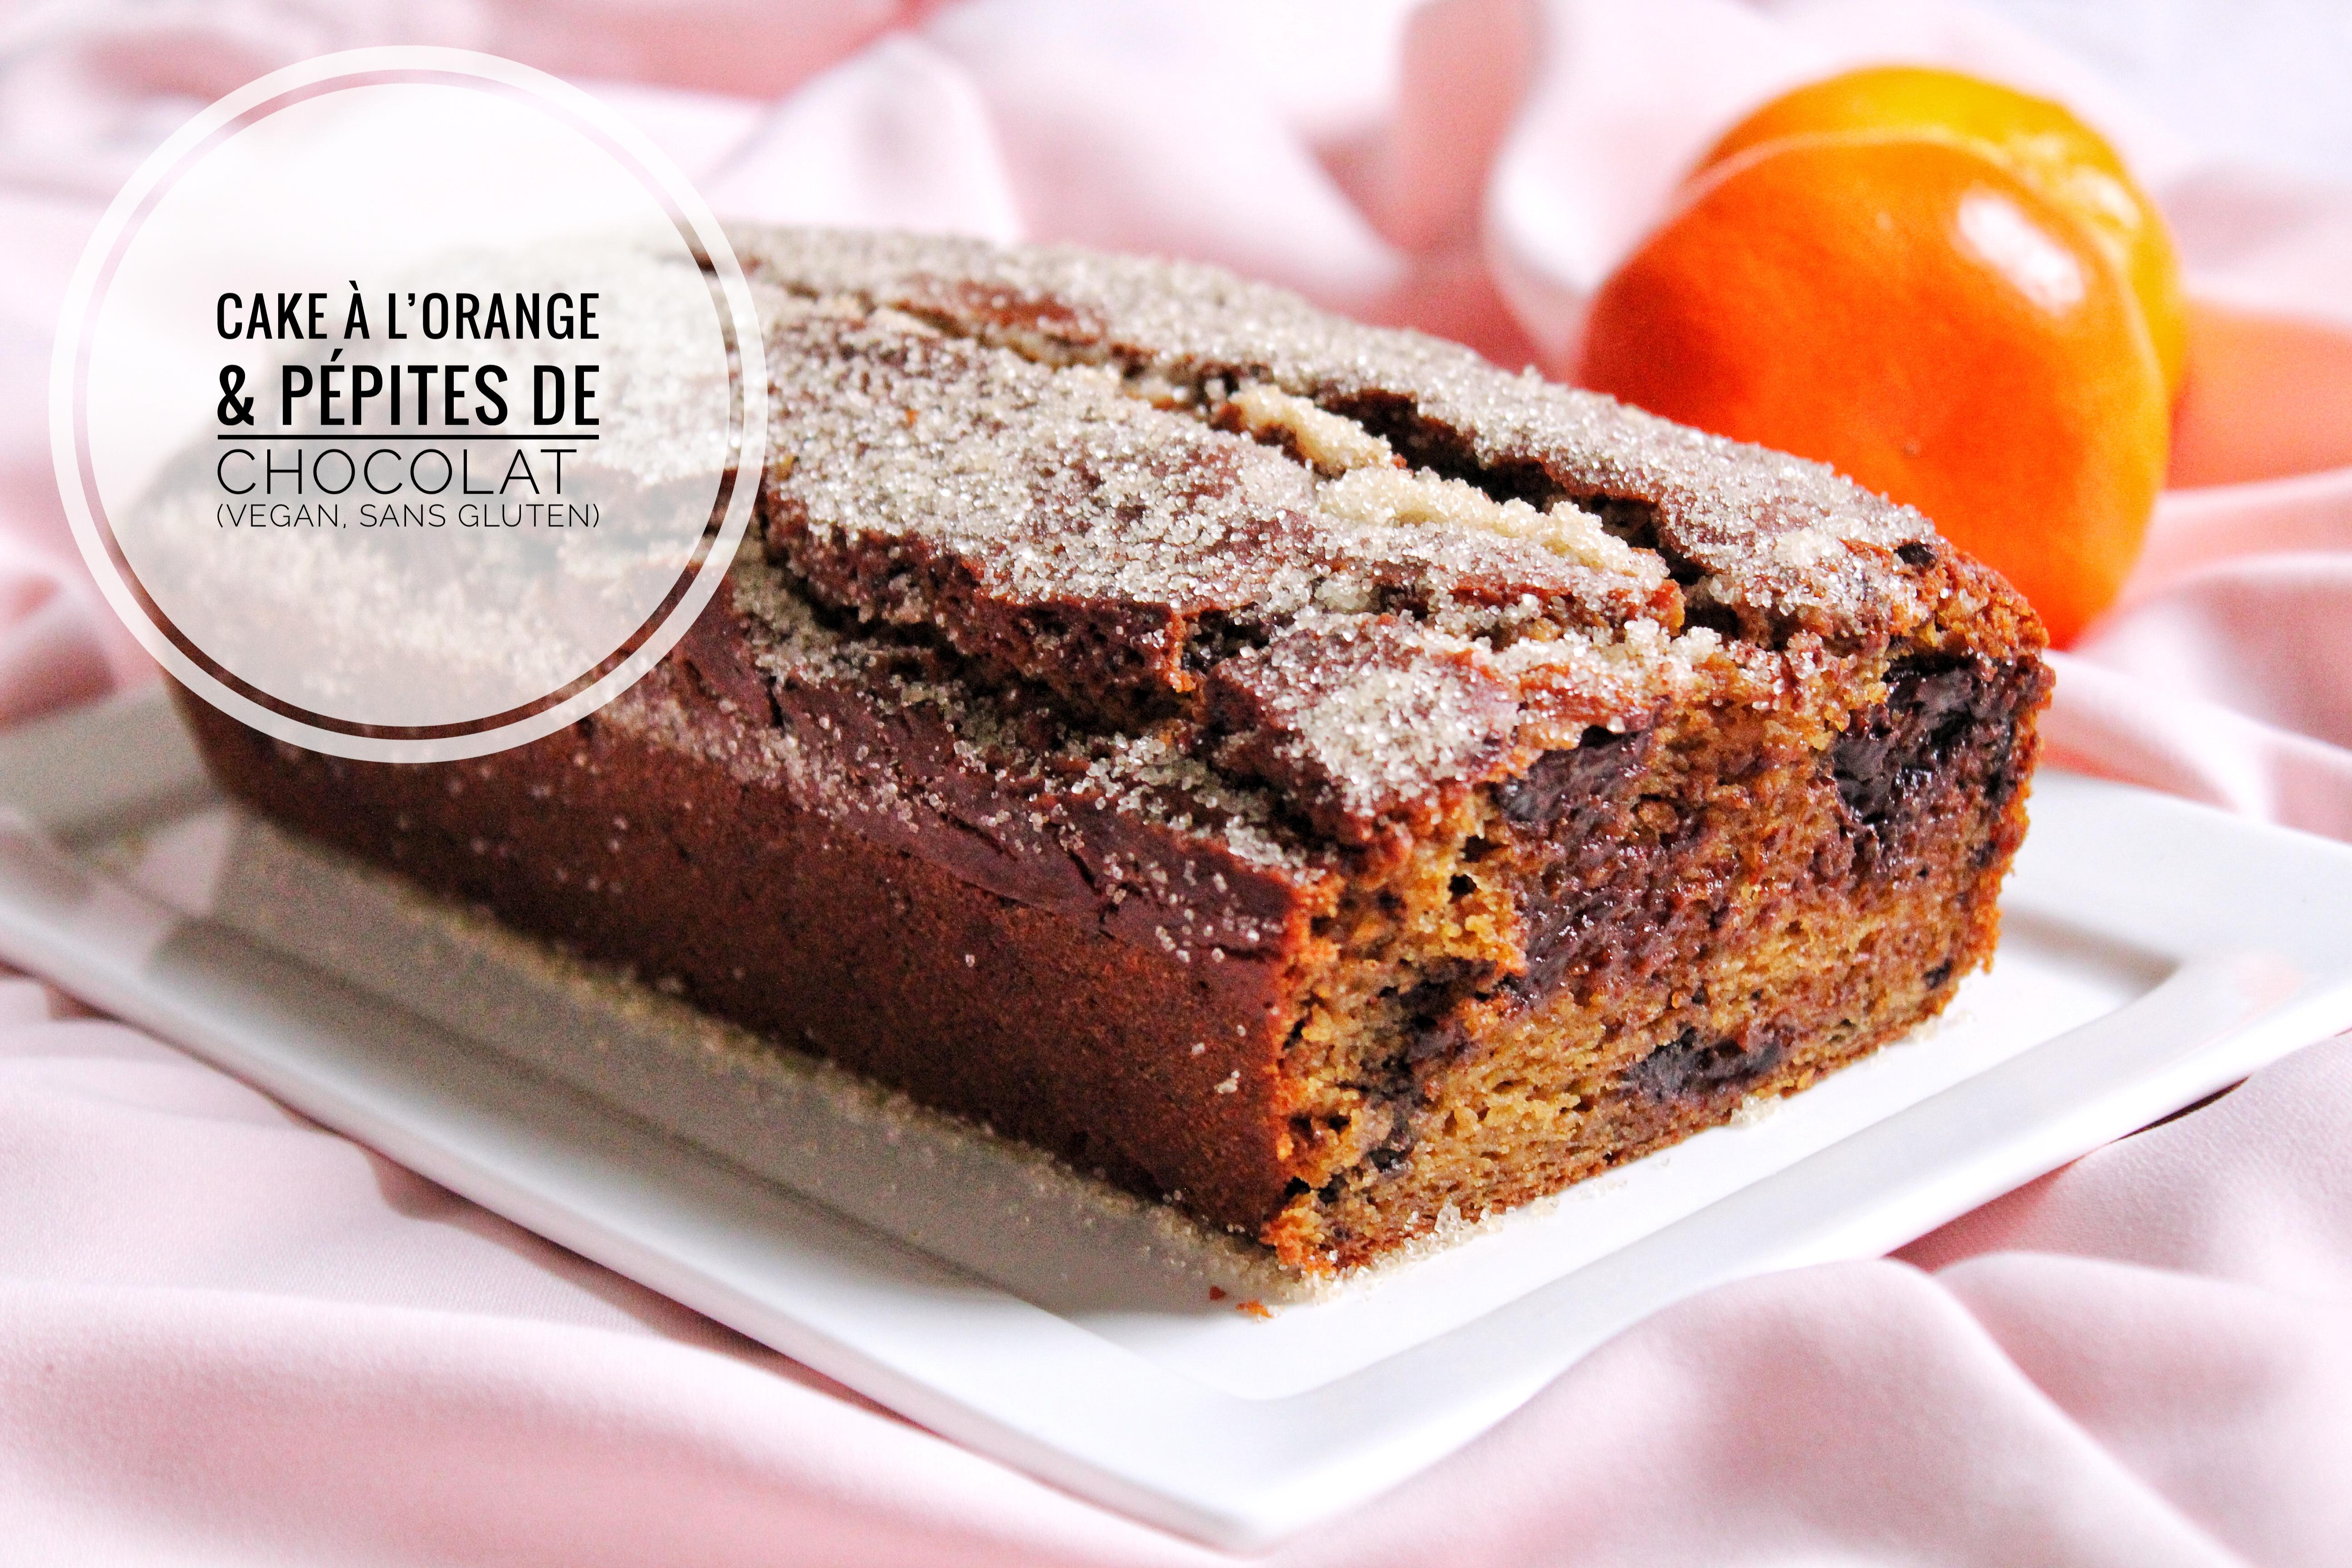 Cake orange pépites chocolat vegan sans gluten sans lactose végétarien sans oeufs